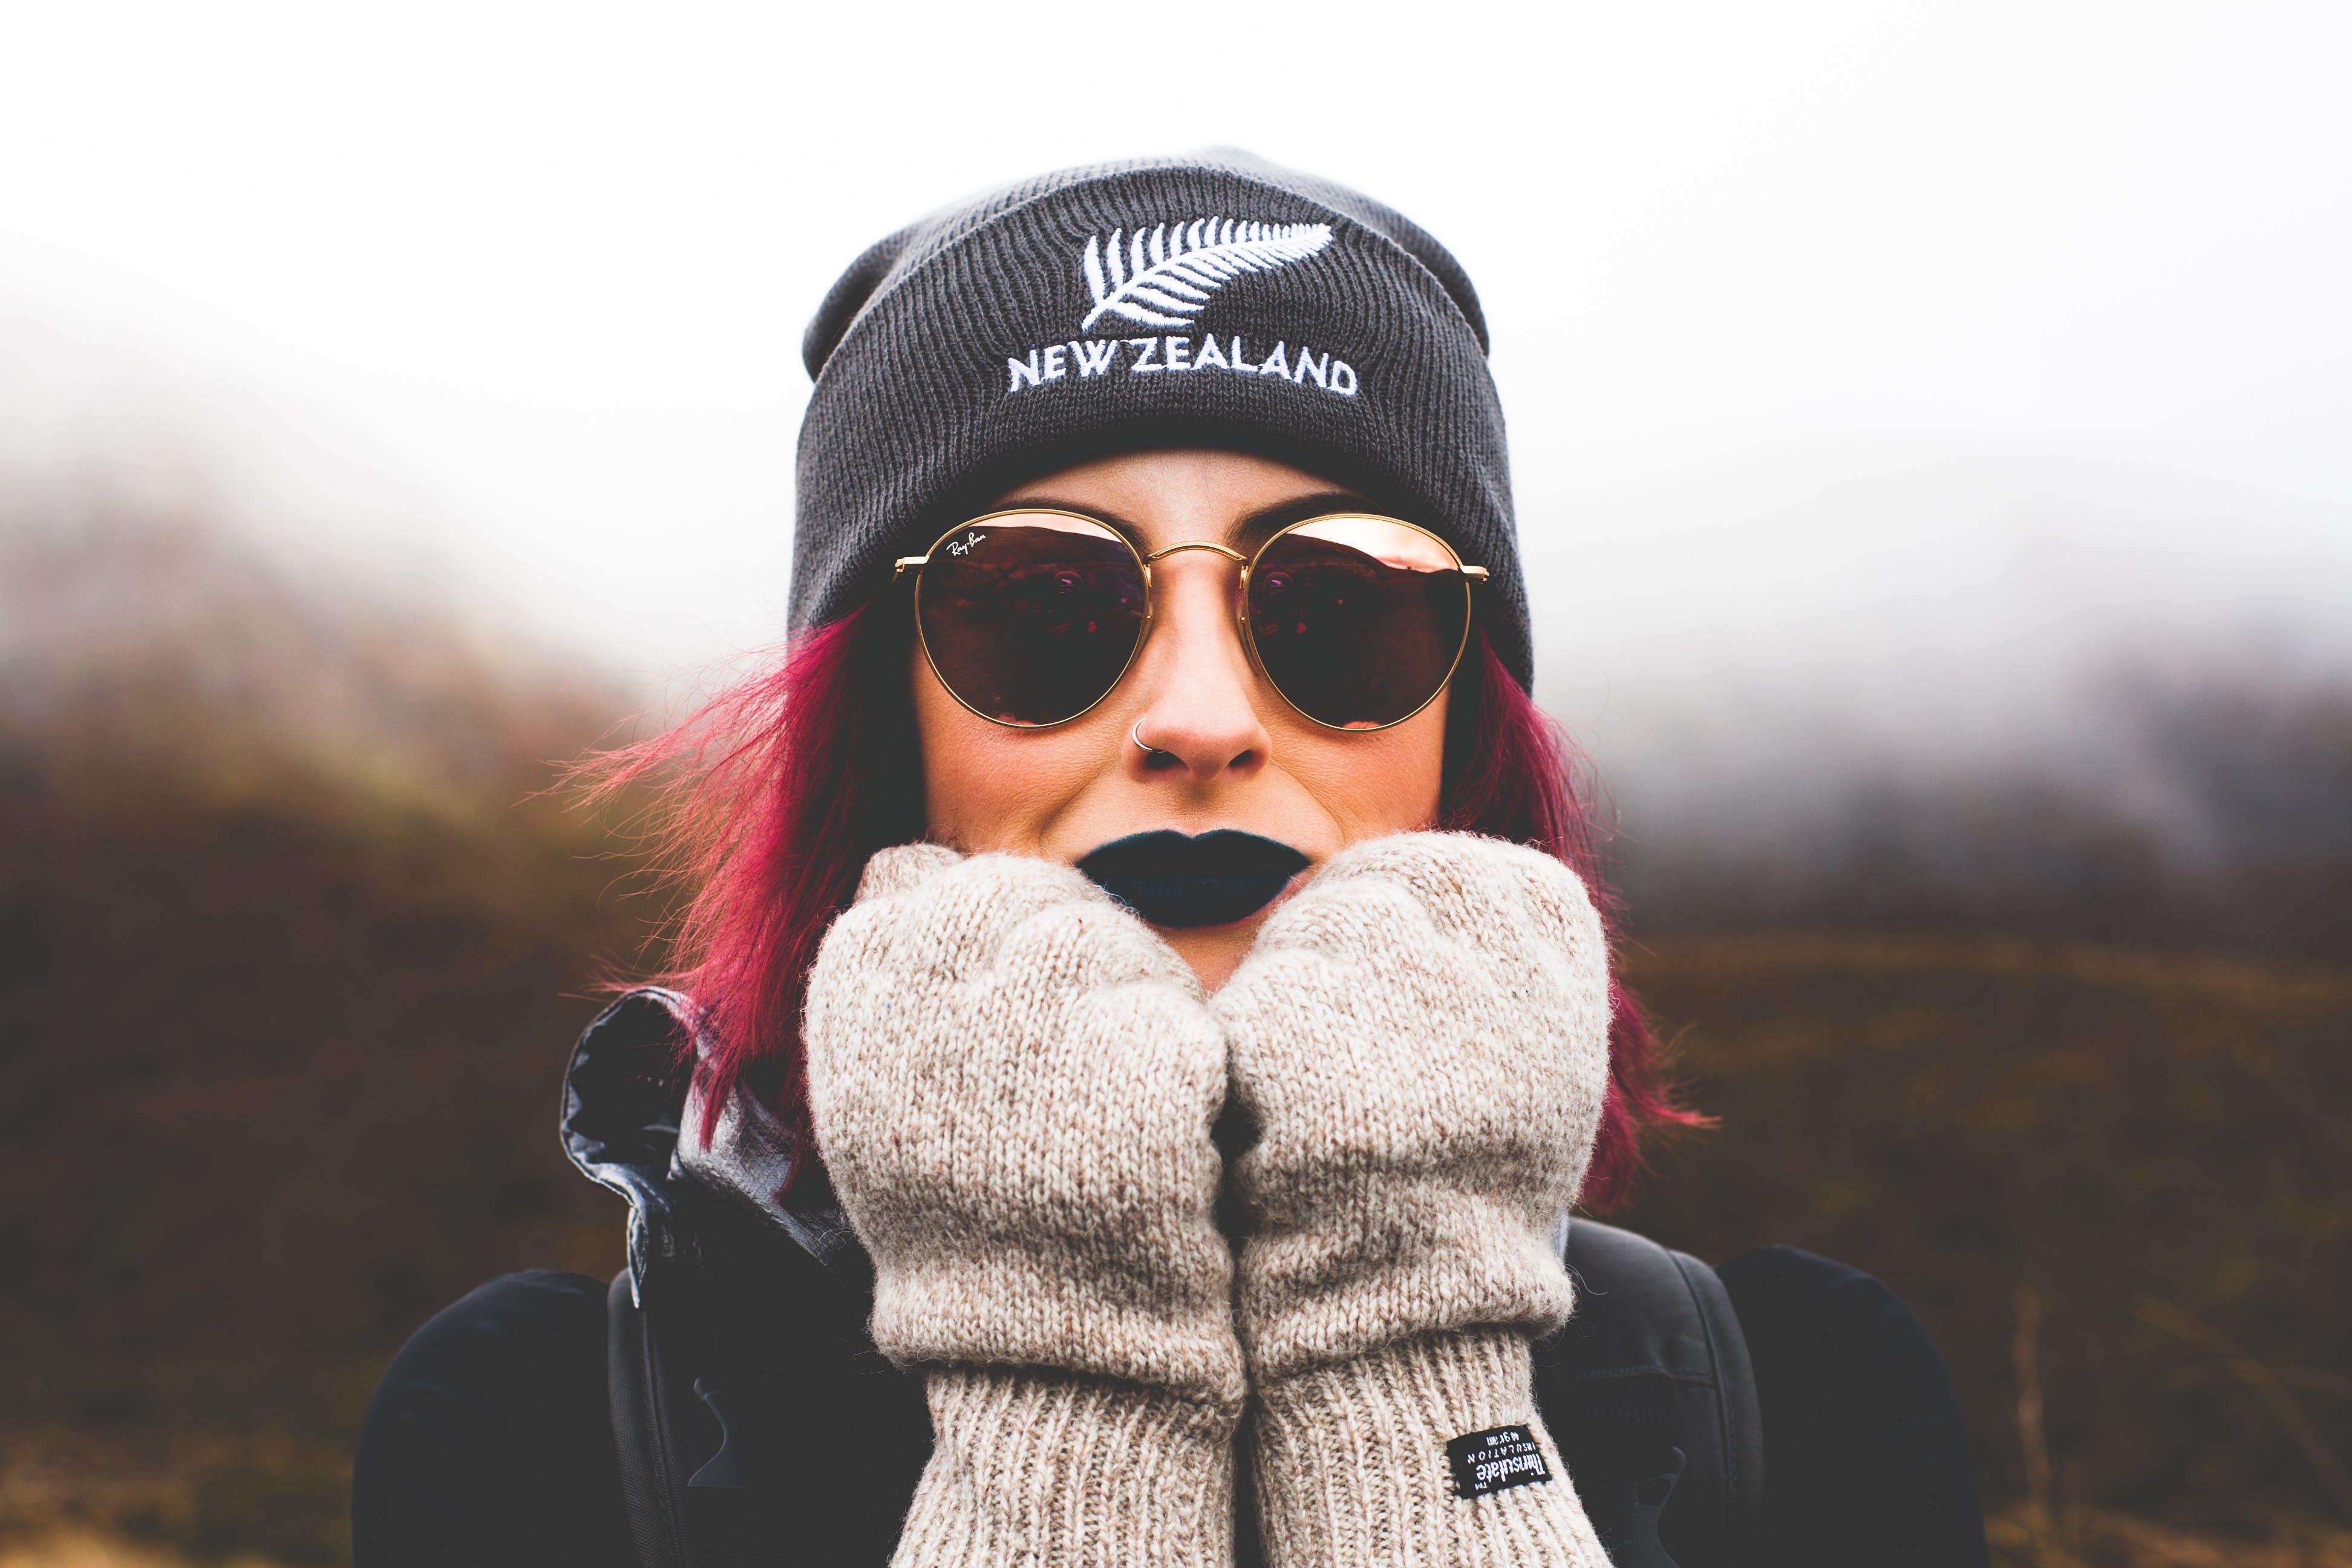 사람, 선글라스, 아름다운, 아름다움의 무료 스톡 사진